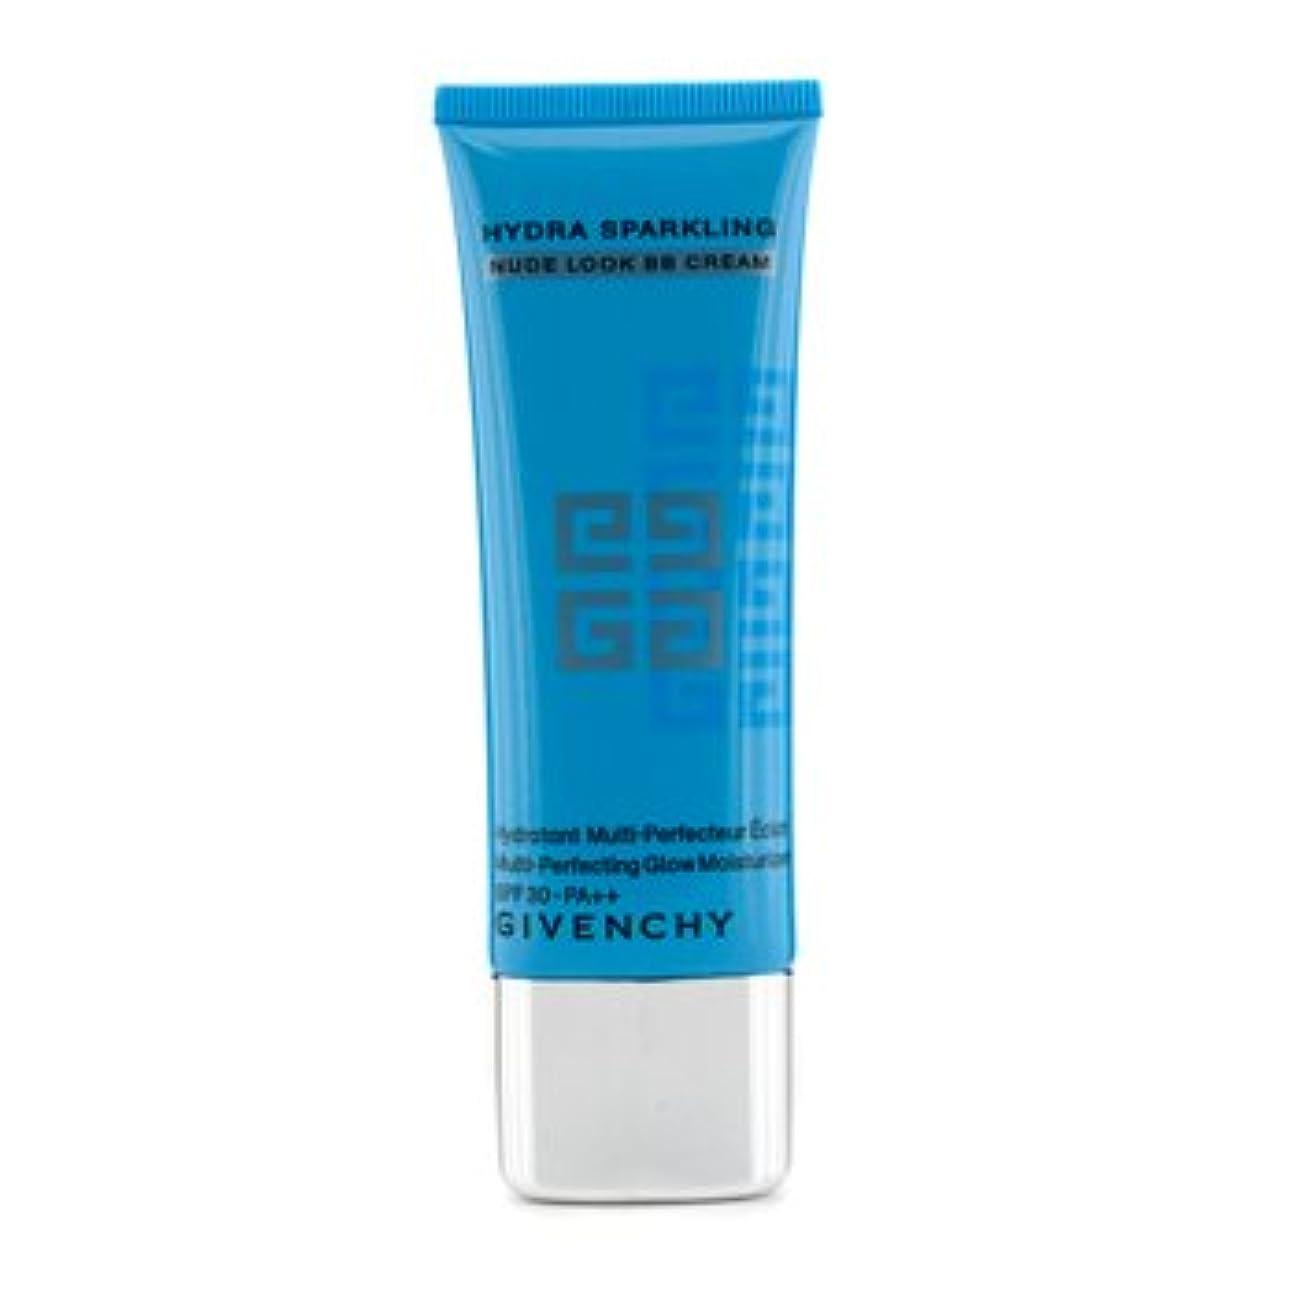 ギャラリーワードローブ対[Givenchy] Nude Look BB Cream Multi-Perfecting Glow Moisturizer SPF 30 PA++ 40ml/1.35oz